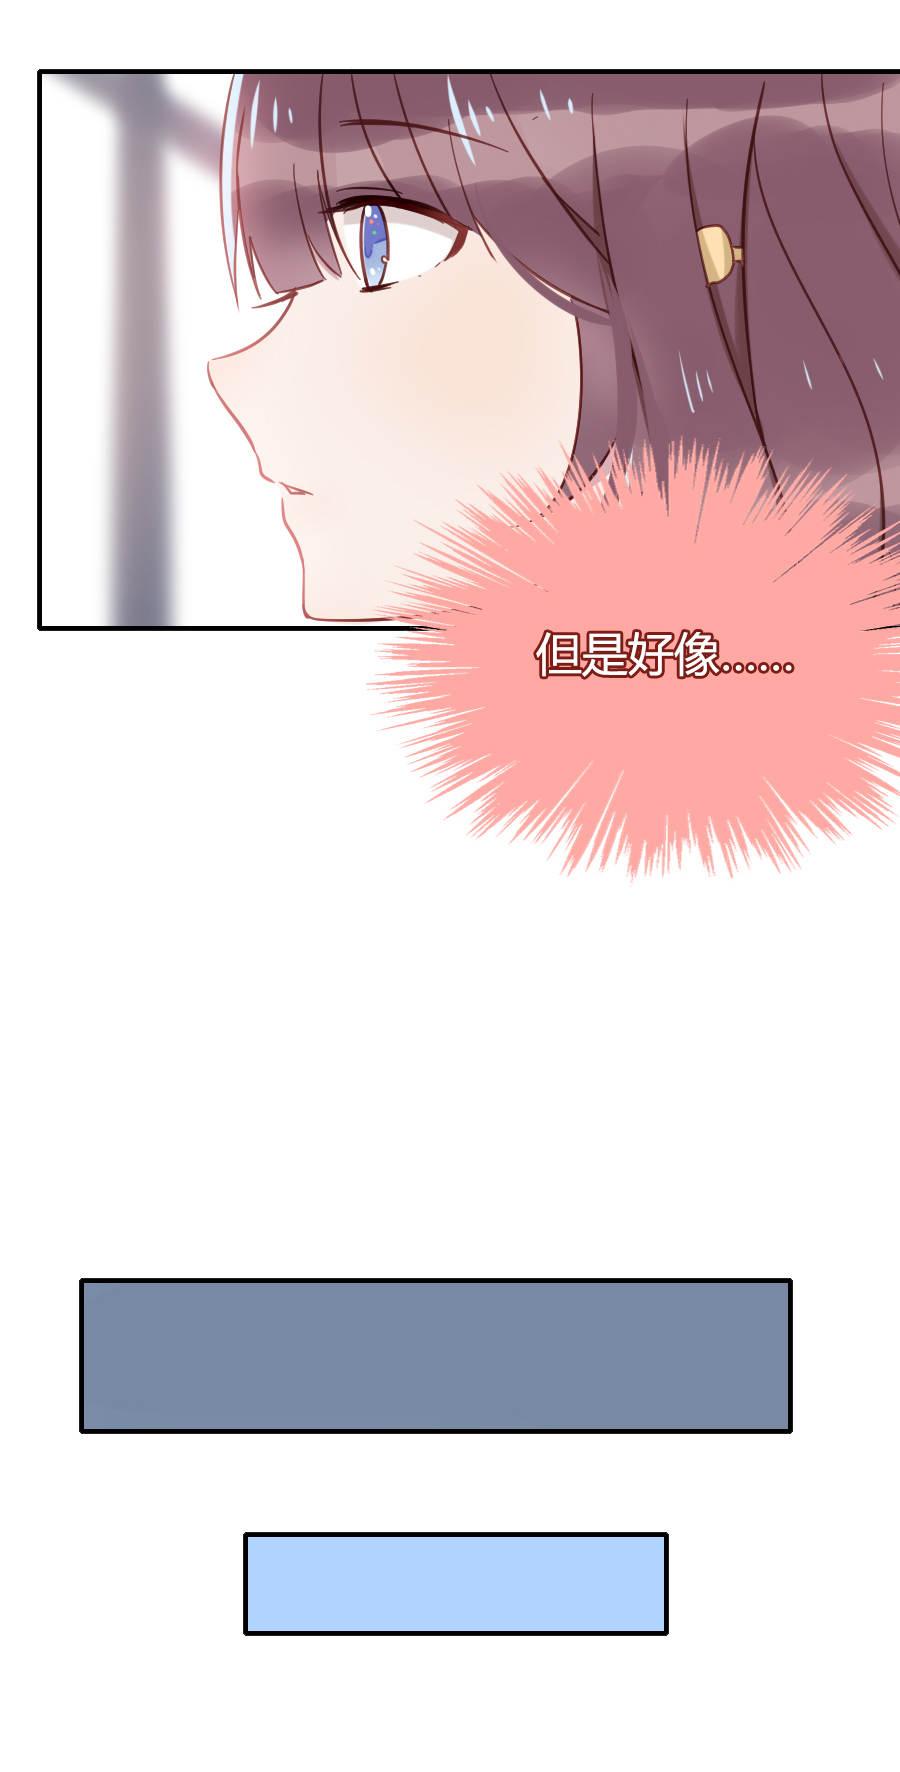 少年游第10话  麋鹿呀麋鹿 柚子柚子!! 第 11